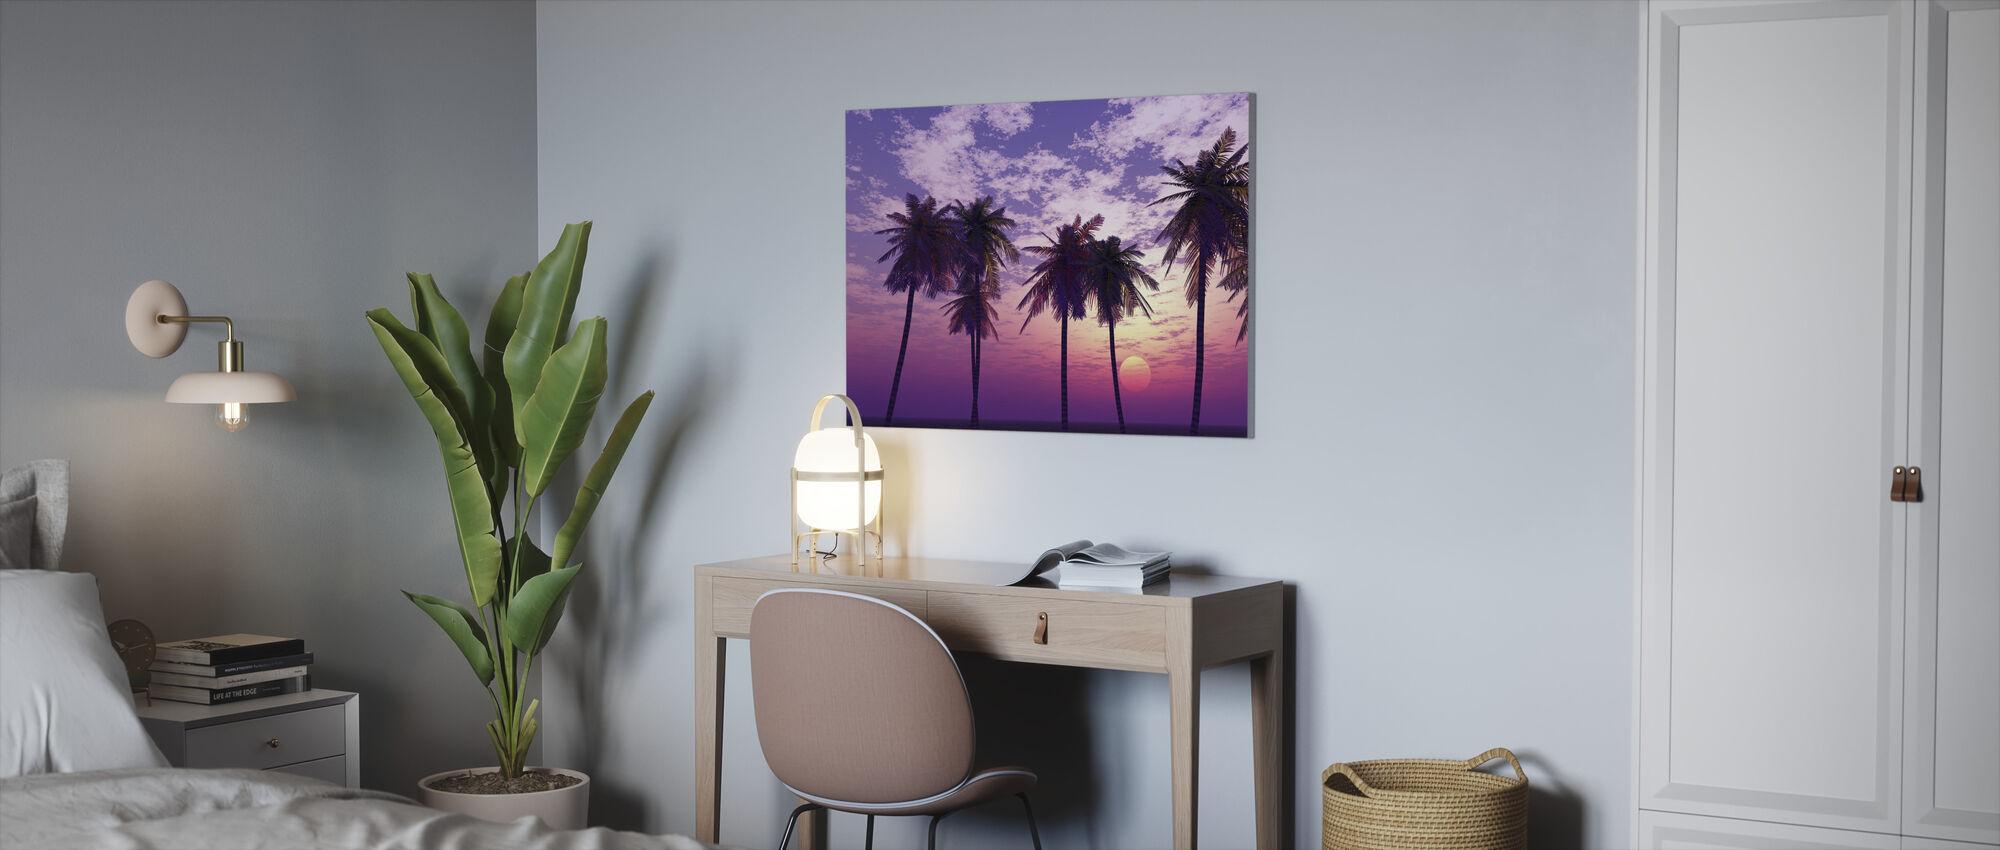 Vacker solnedgång - Canvastavla - Kontor